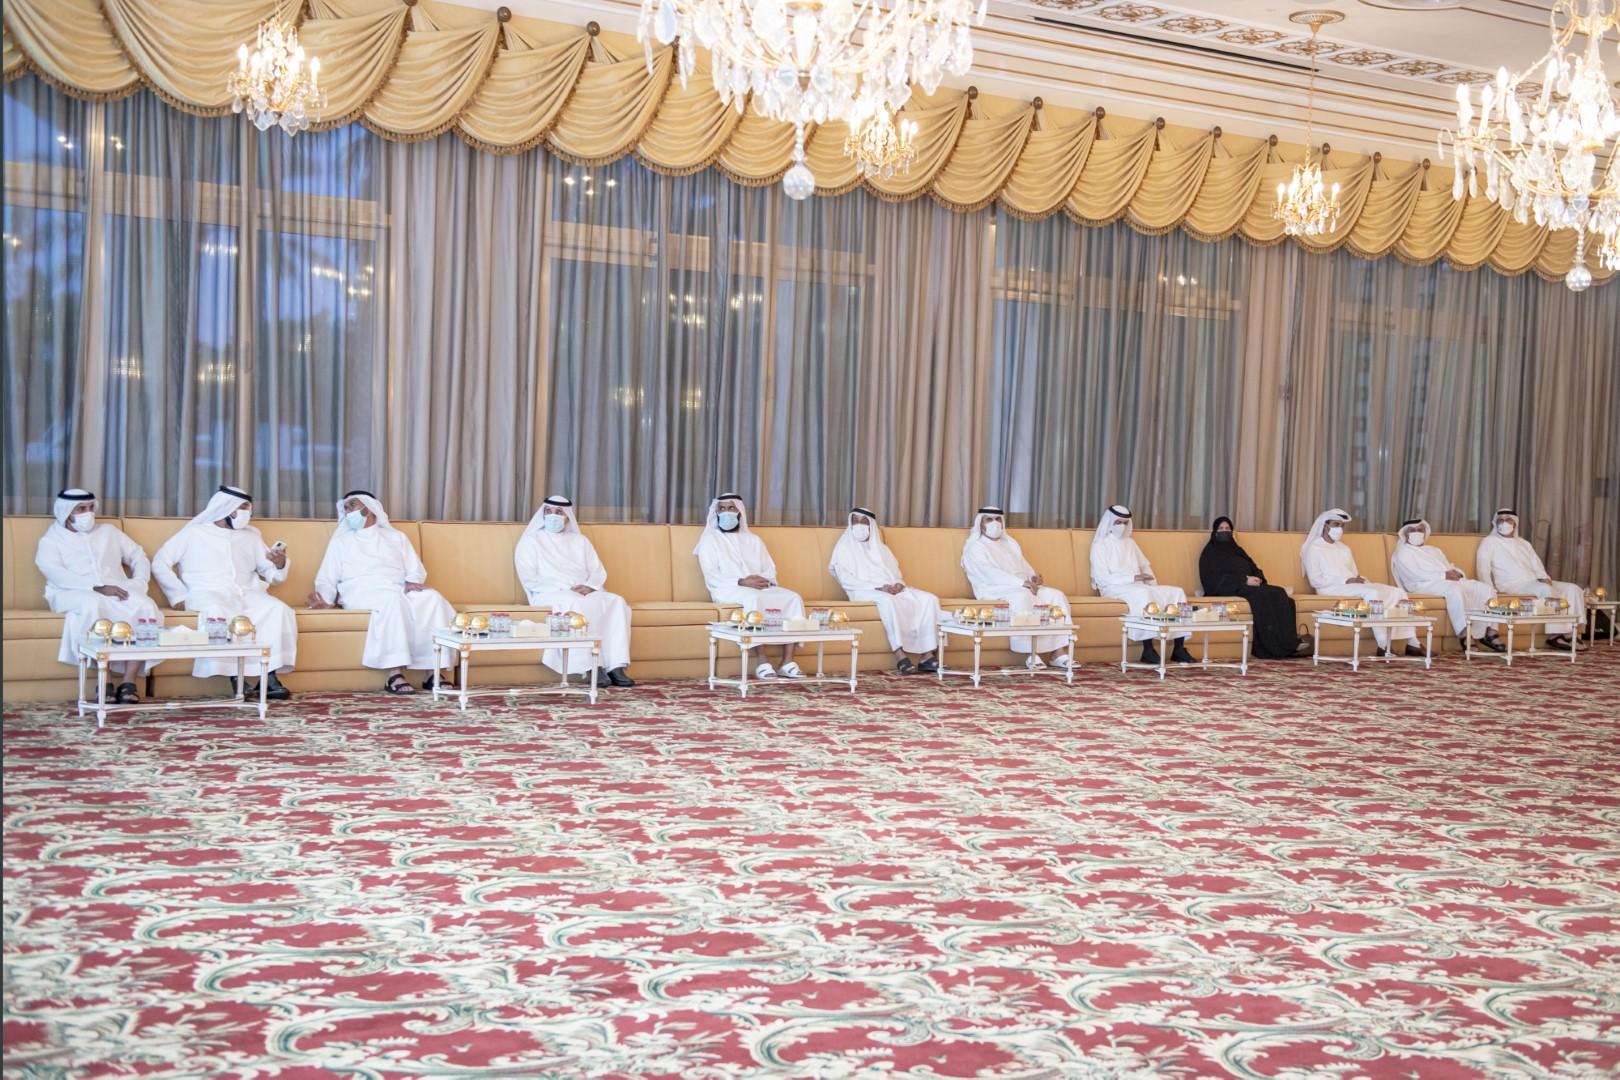 محمد بن راشد يعلن النتائج السنوية لأعمال مؤسسة مبادرات محمد بن راشد آل مكتوم العالمية للعام 2020 ويؤكد: دولة الإمارات ليست كياناً سياسياً واقتصادياً فقط وإنما كيان حضاري وإنساني ومنارة للأمل في المنطقة